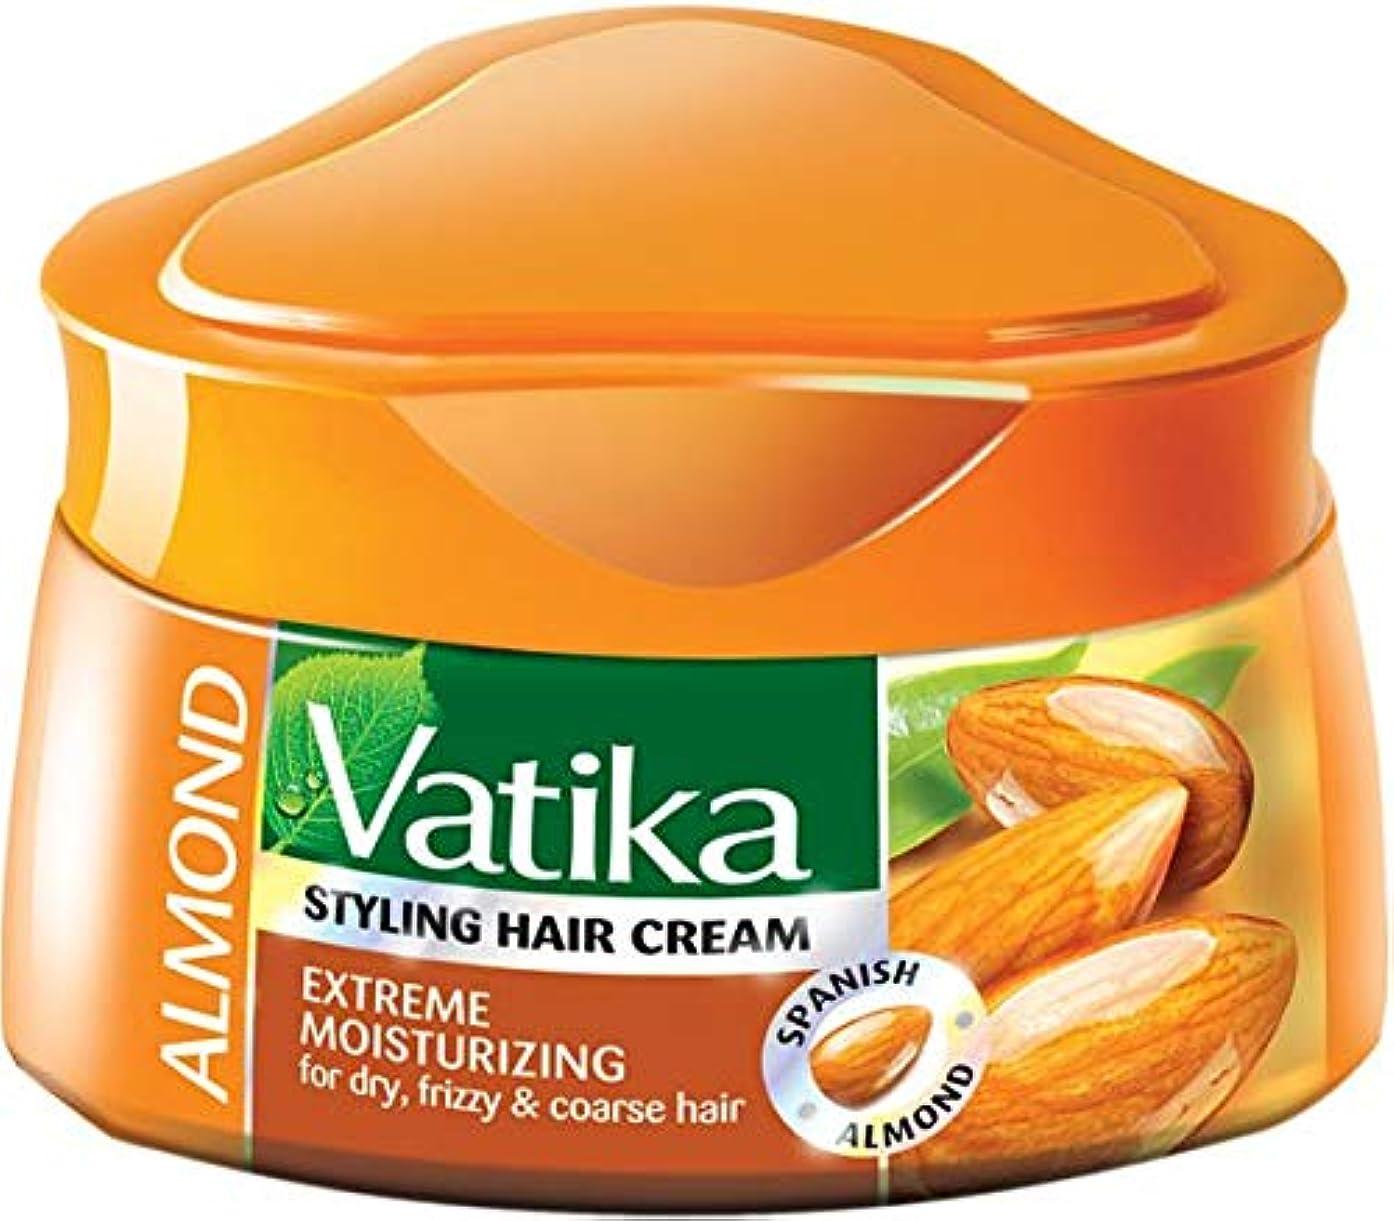 エリートパキスタン人背骨Dabur Vatika Natural Styling Hair Cream 140 ml (Extreme Moisturizing (Almond))